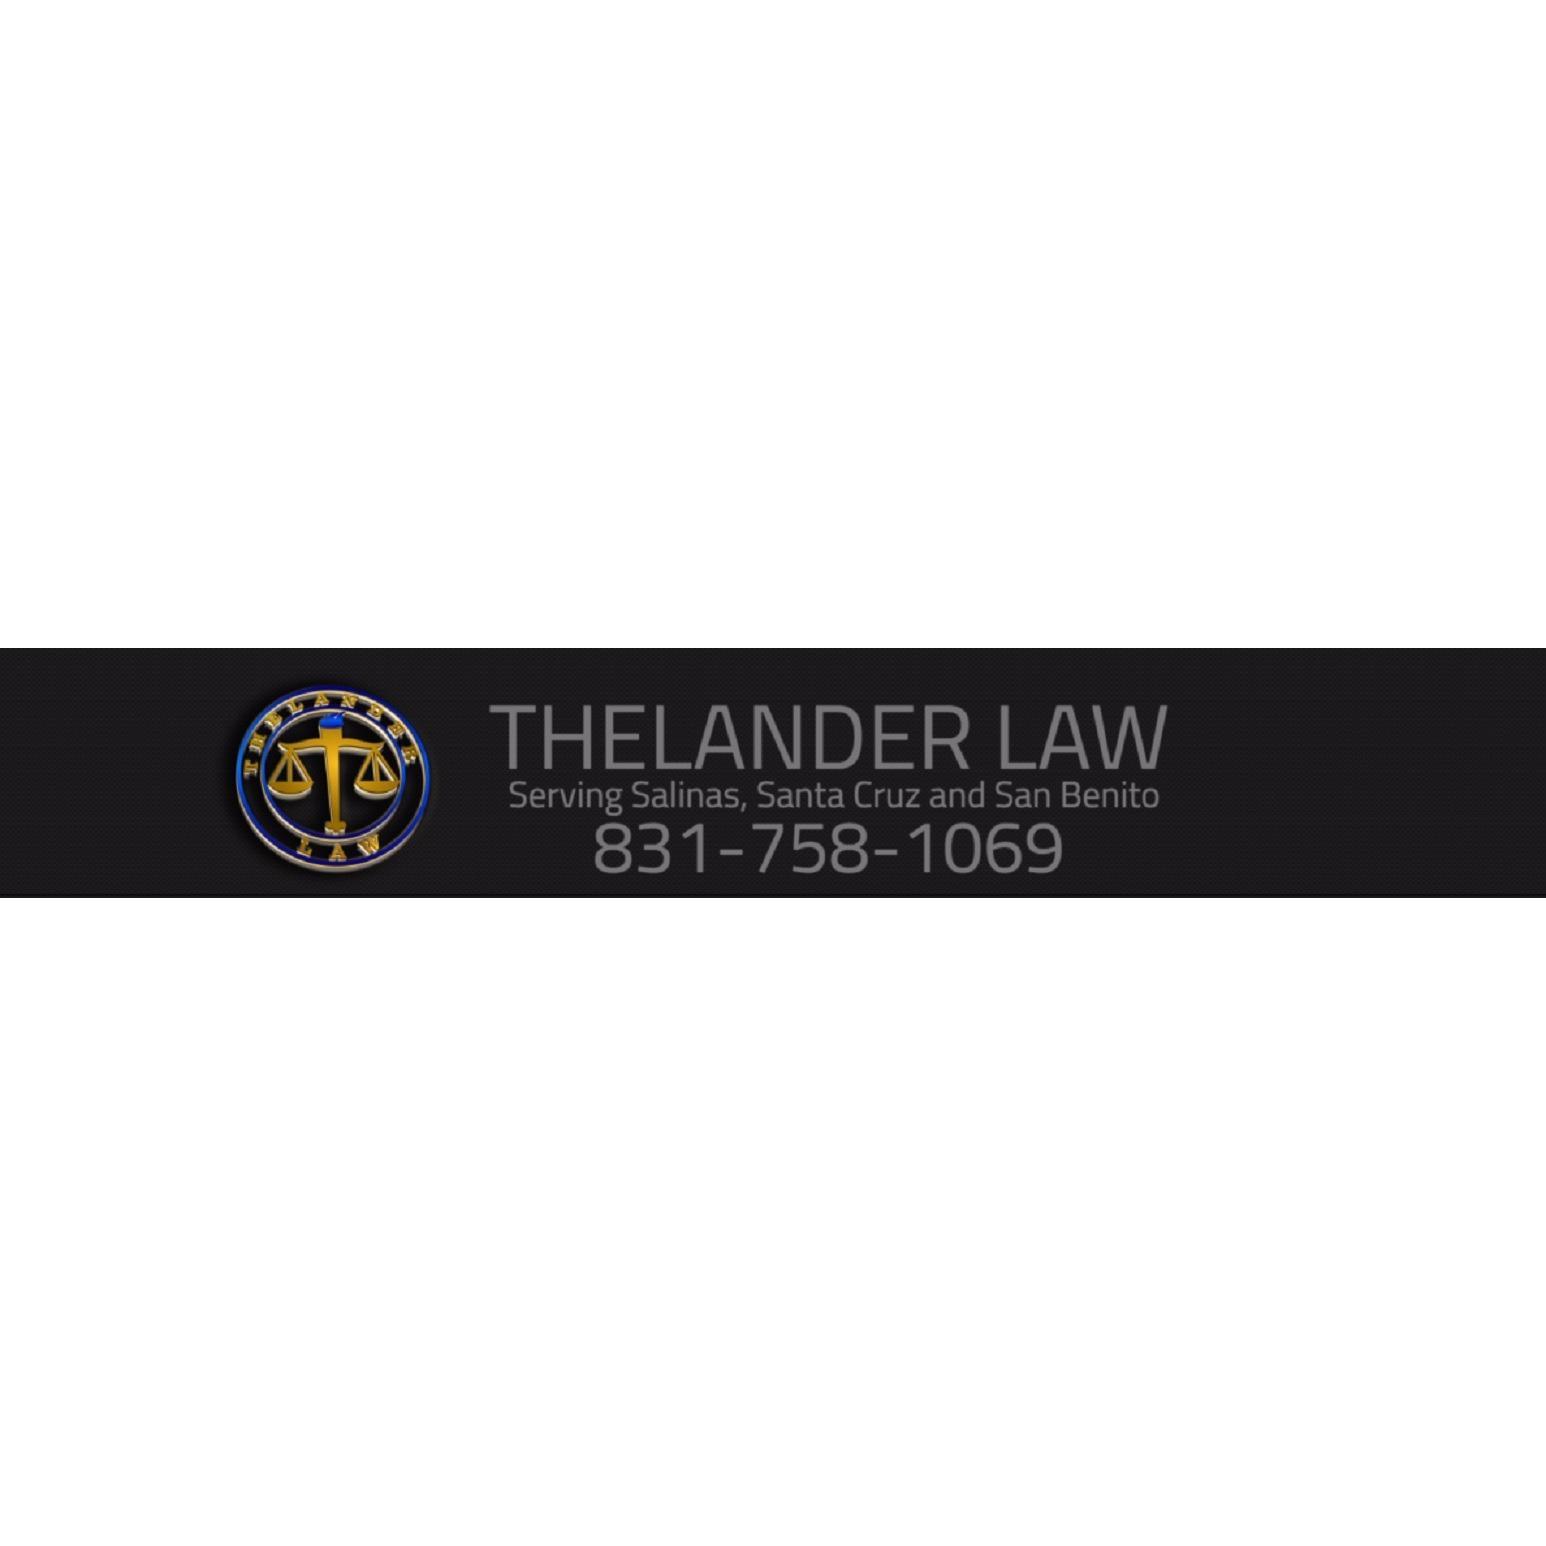 Thelander Law